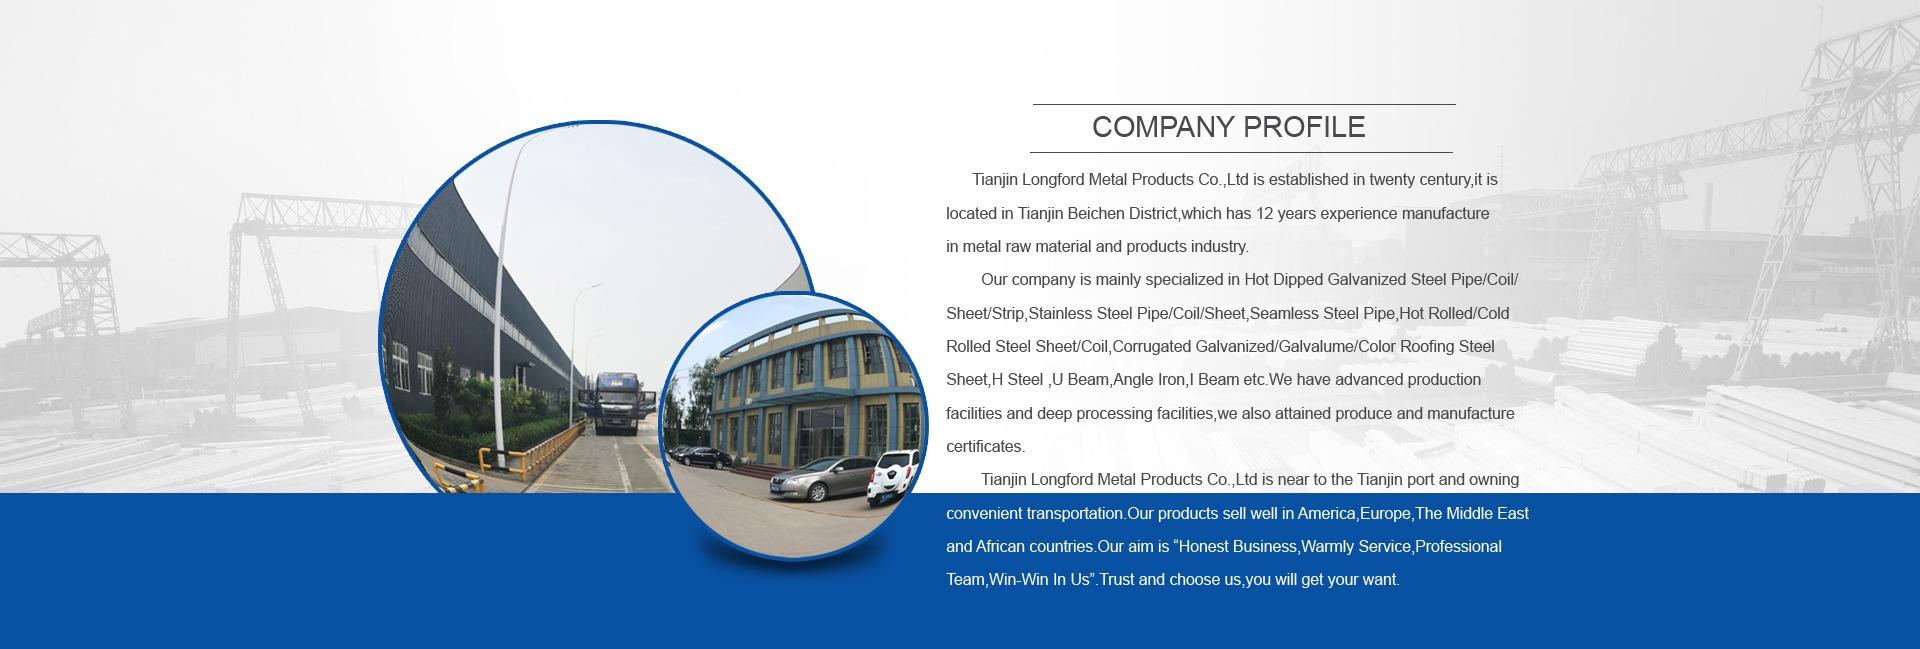 새로운 금속 정원 창고 에이펙스 지붕 8x10FT 스토리지 하우스 도구 창고